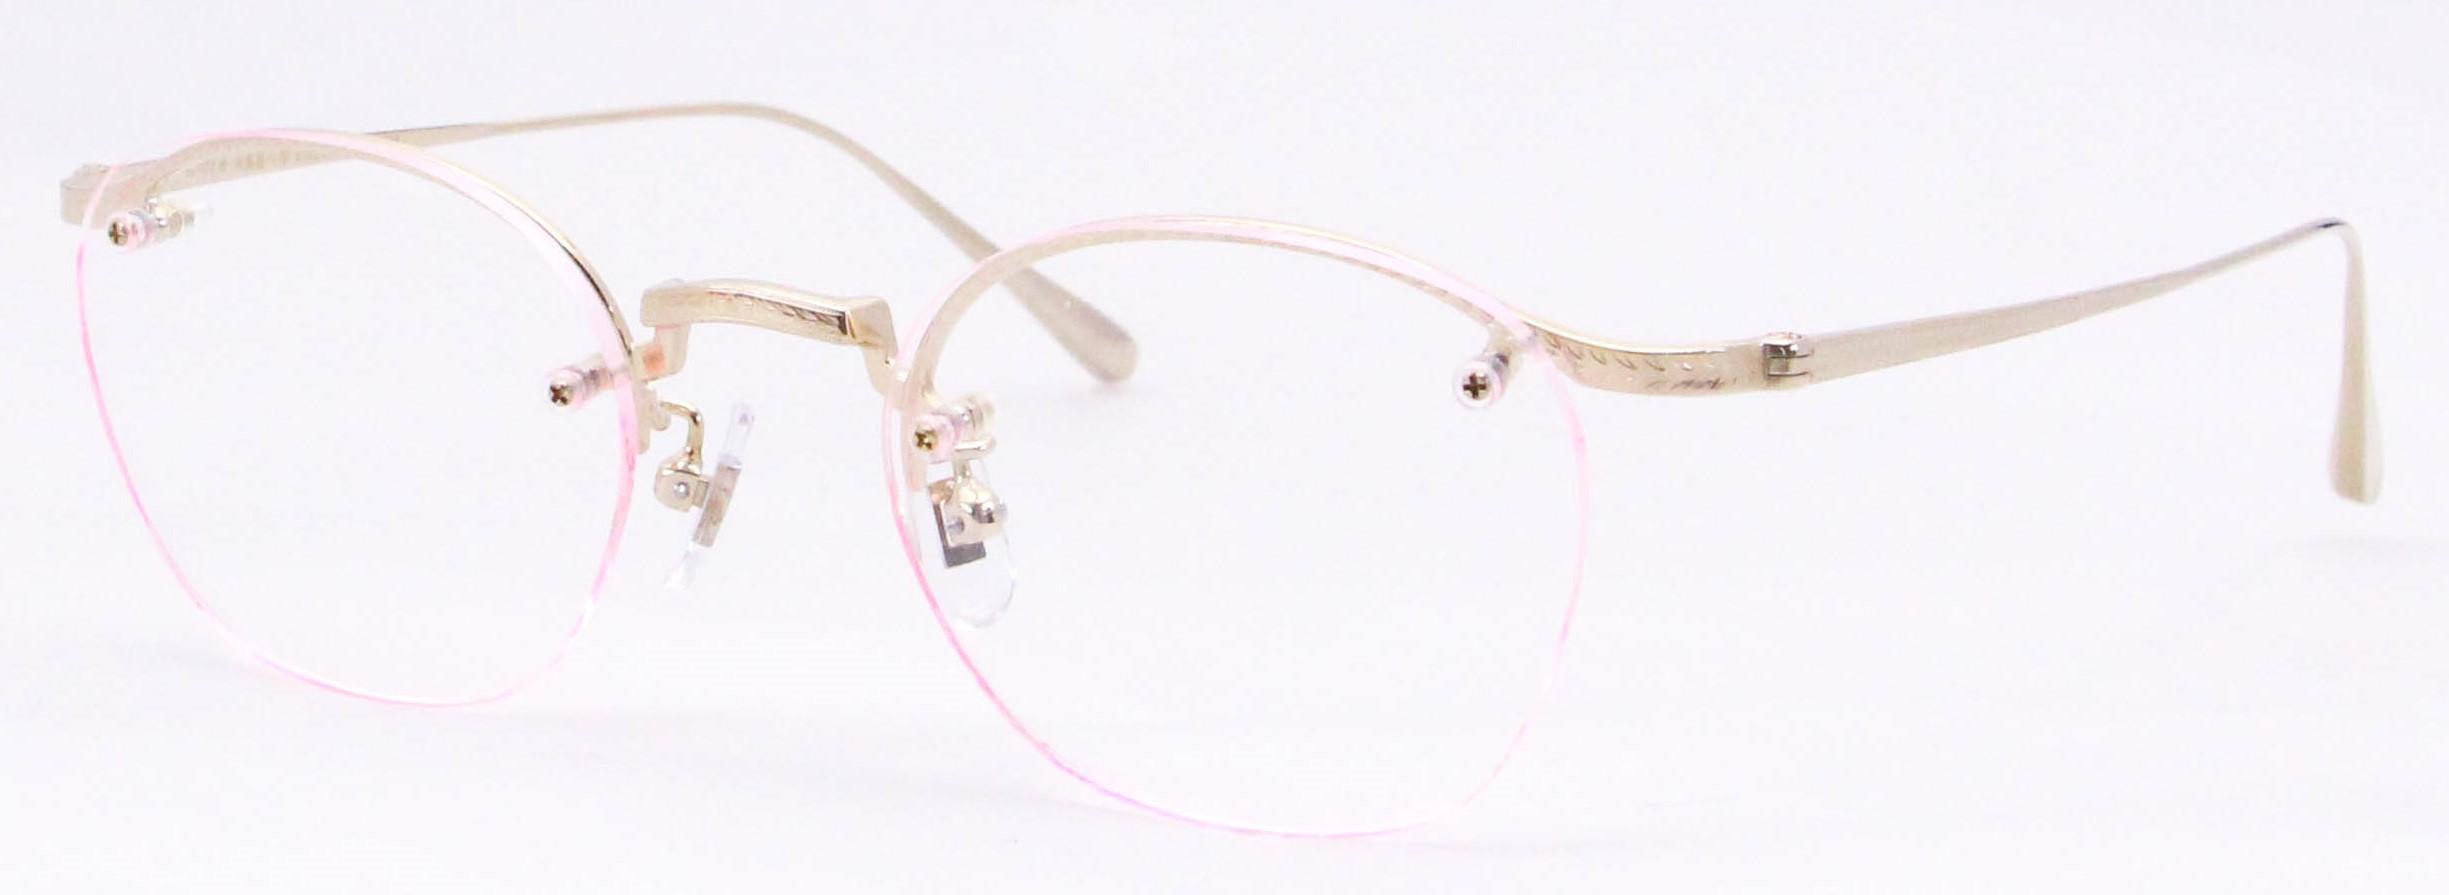 眼鏡のカラータイプC-1 Gold